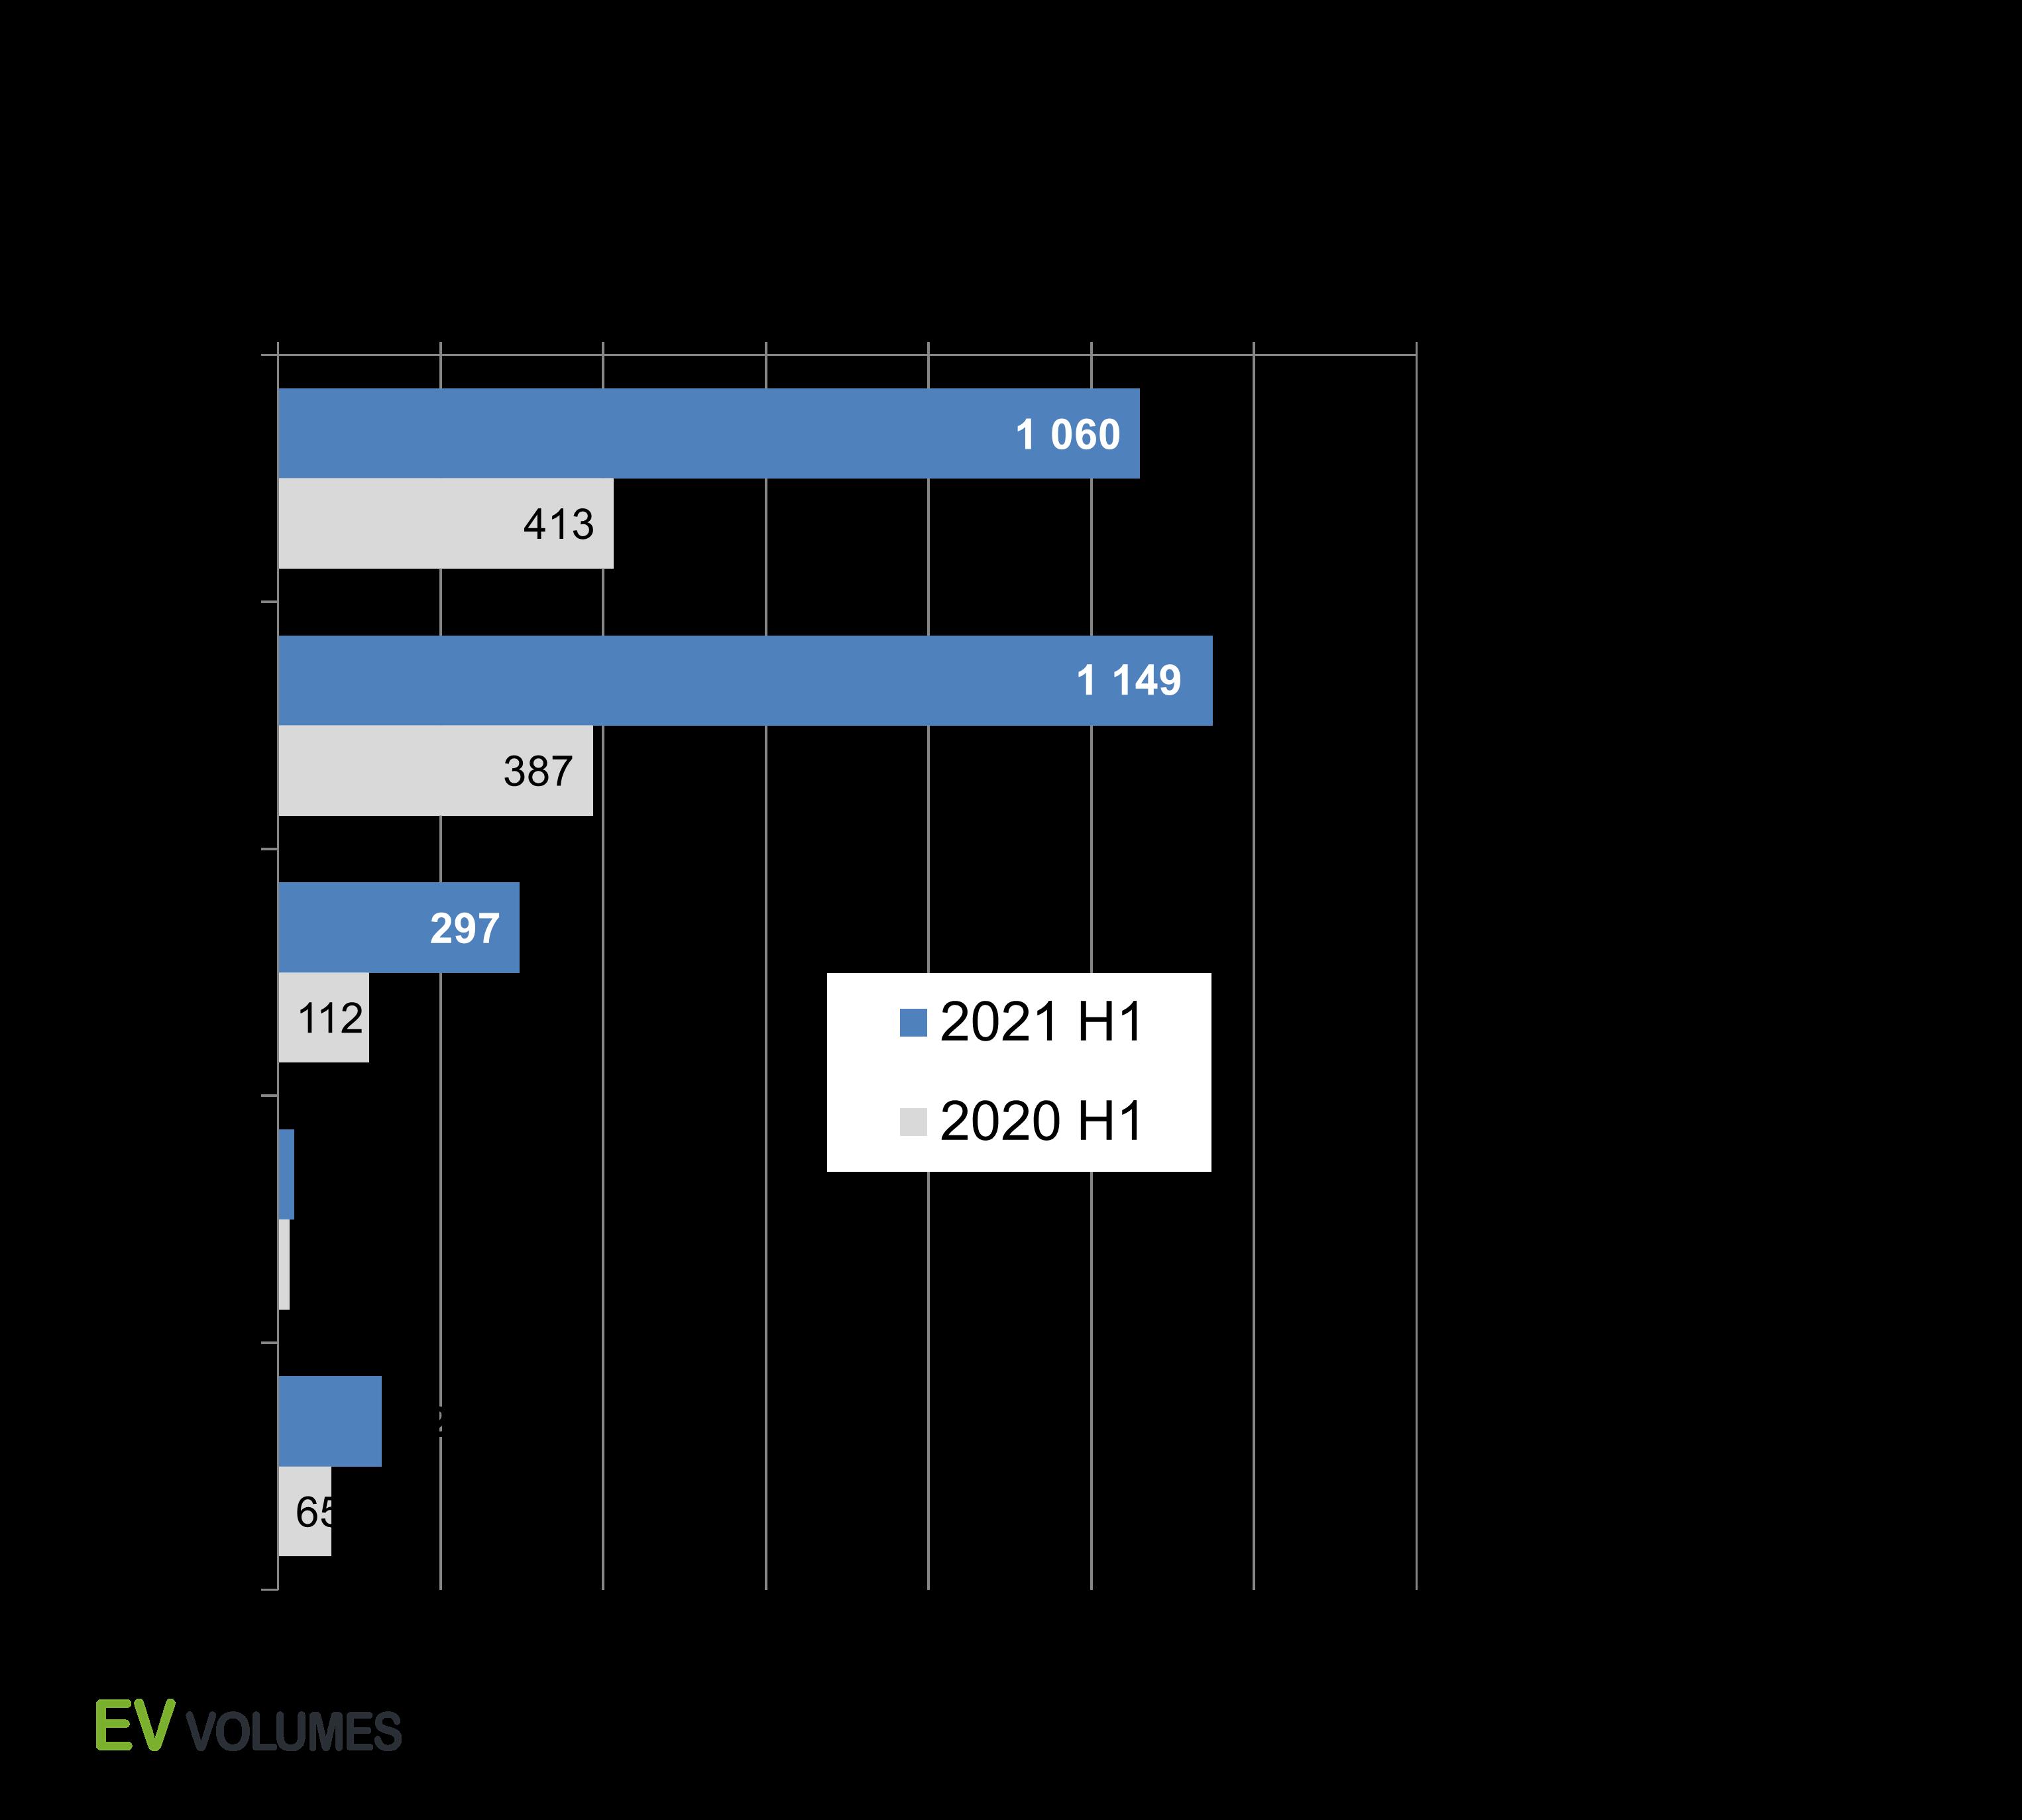 second Global EV Sales for 2021 H1 image